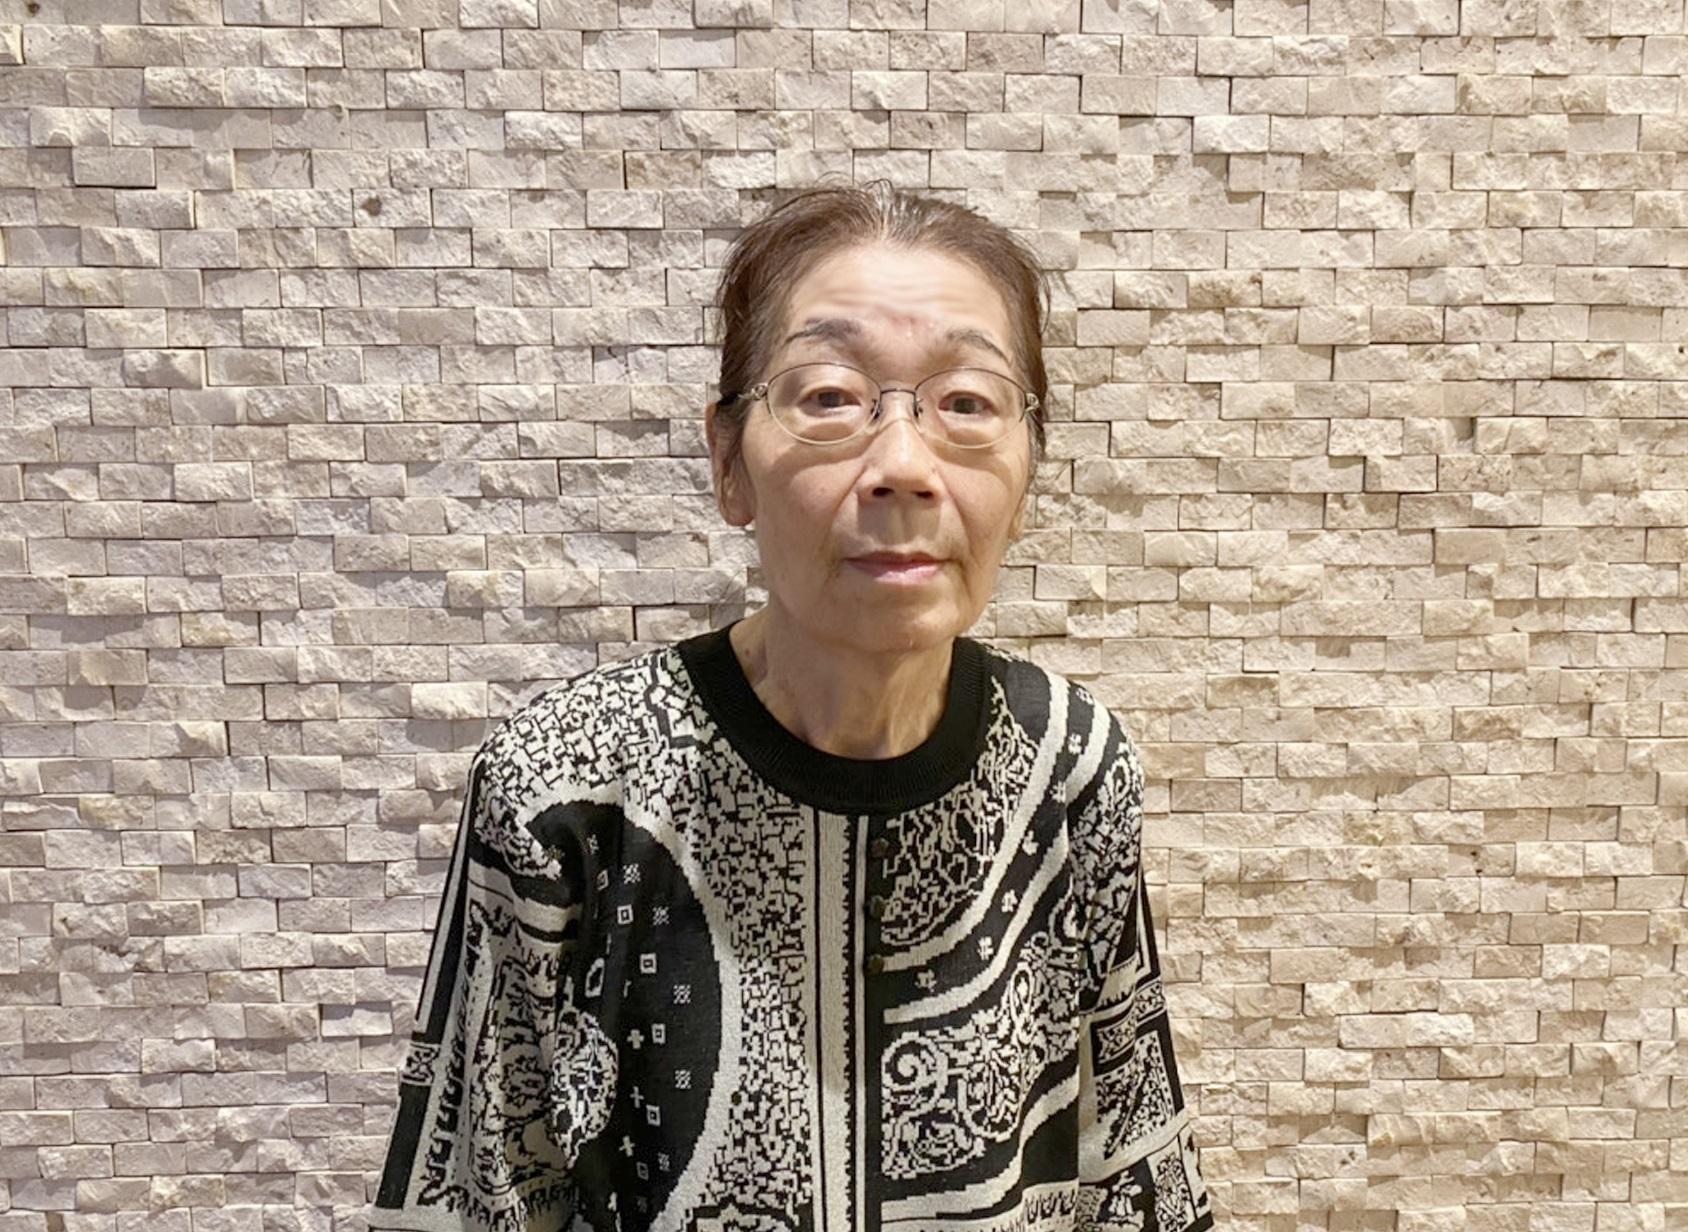 ヨガをしている時間は「自分だけの時間」。毎日のレッスンでアーサナを極め続けるZEN PLACE会員の洋子さん(77歳)に直撃インタビュー!